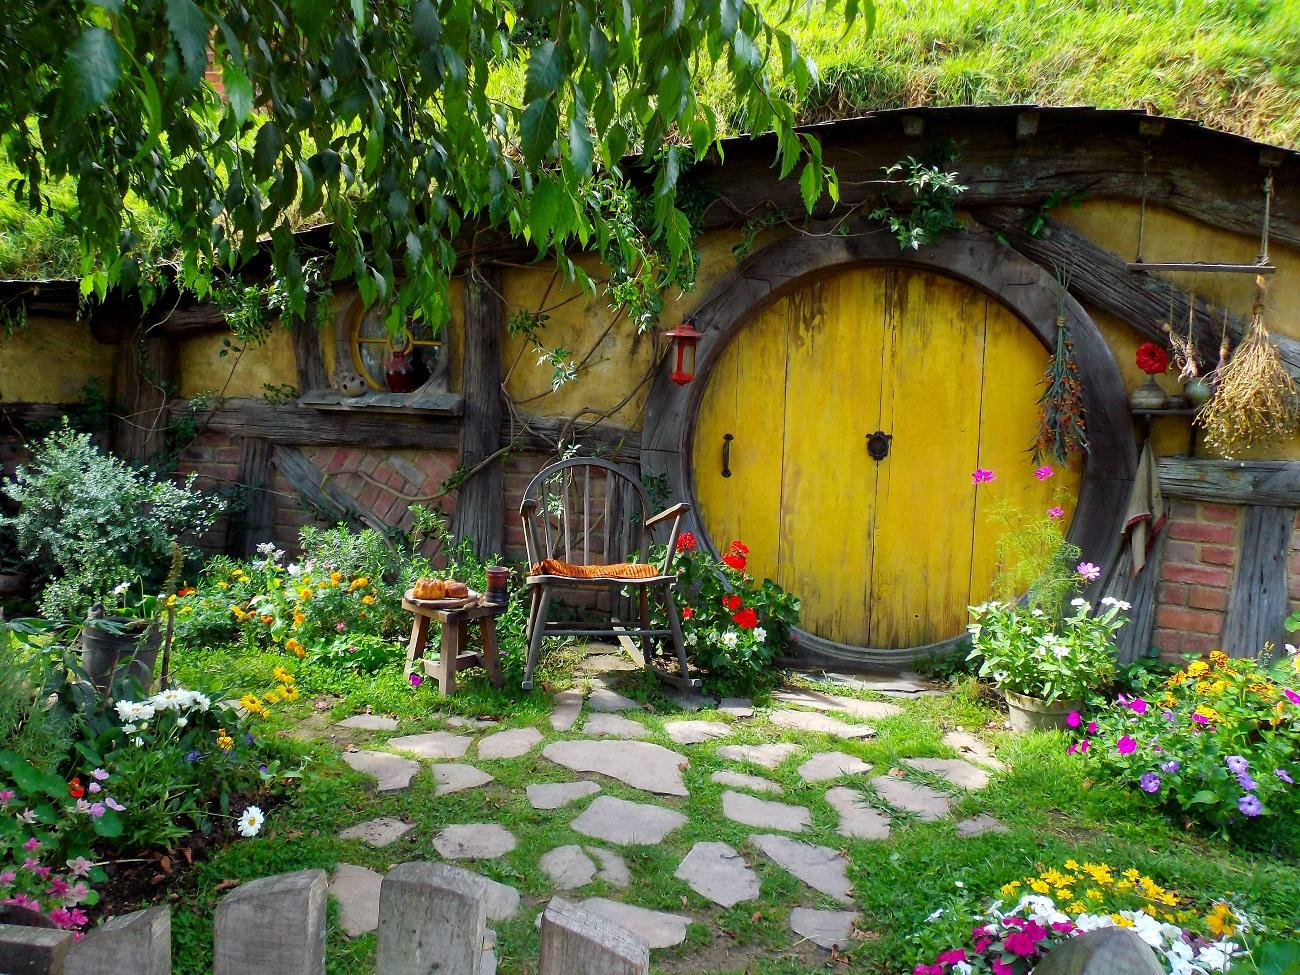 Hobbit Hole by Abigail Simpson